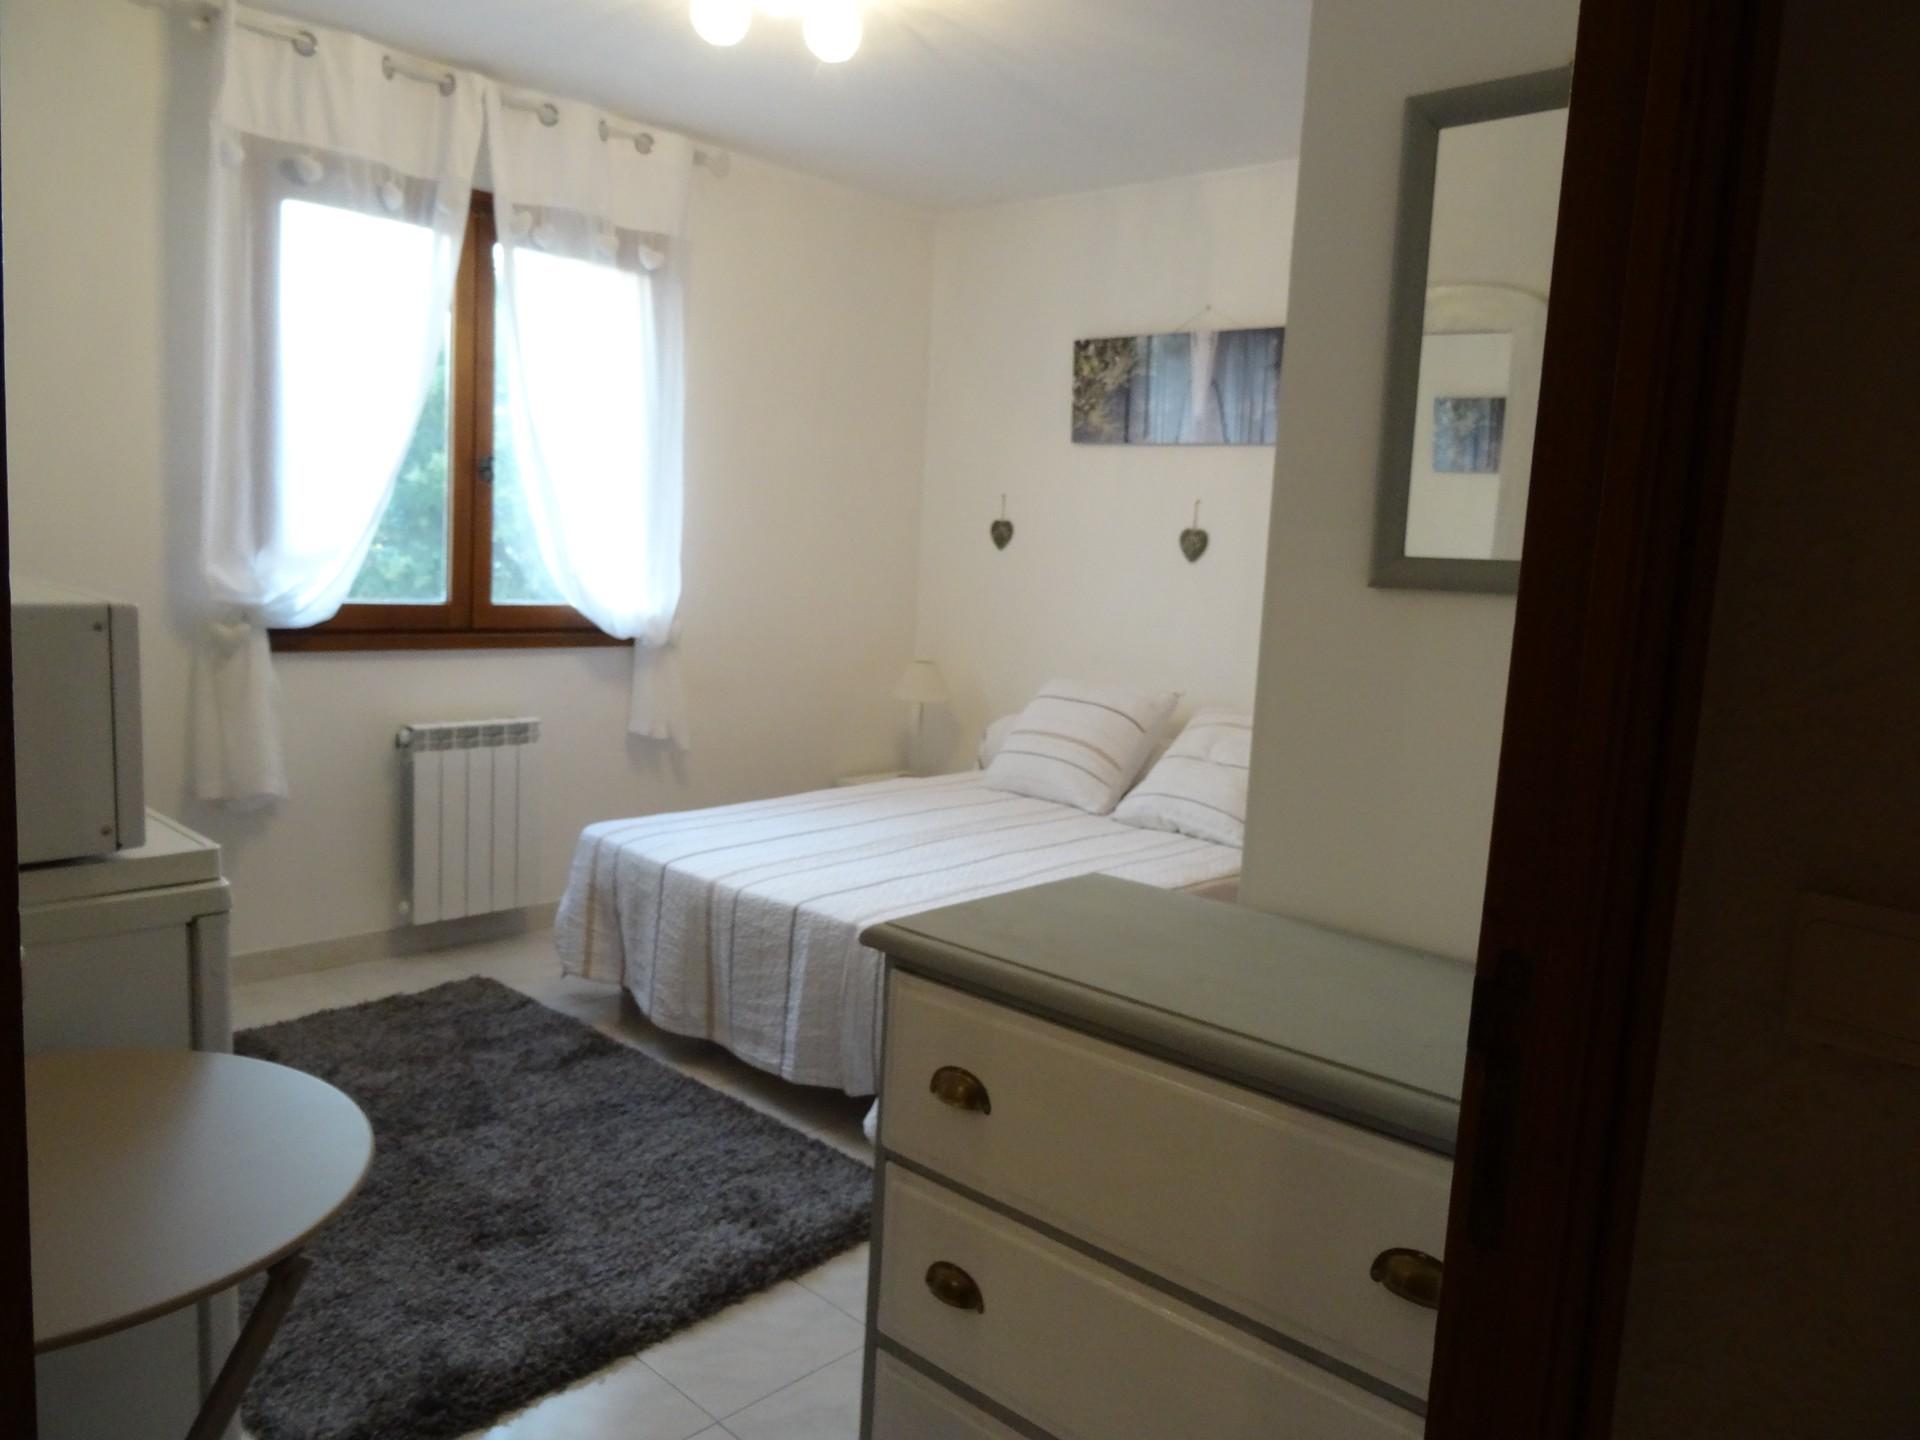 Chambre meuble chez l 39 habitant r sidences universitaires - Chambre chez l habitant quimper ...